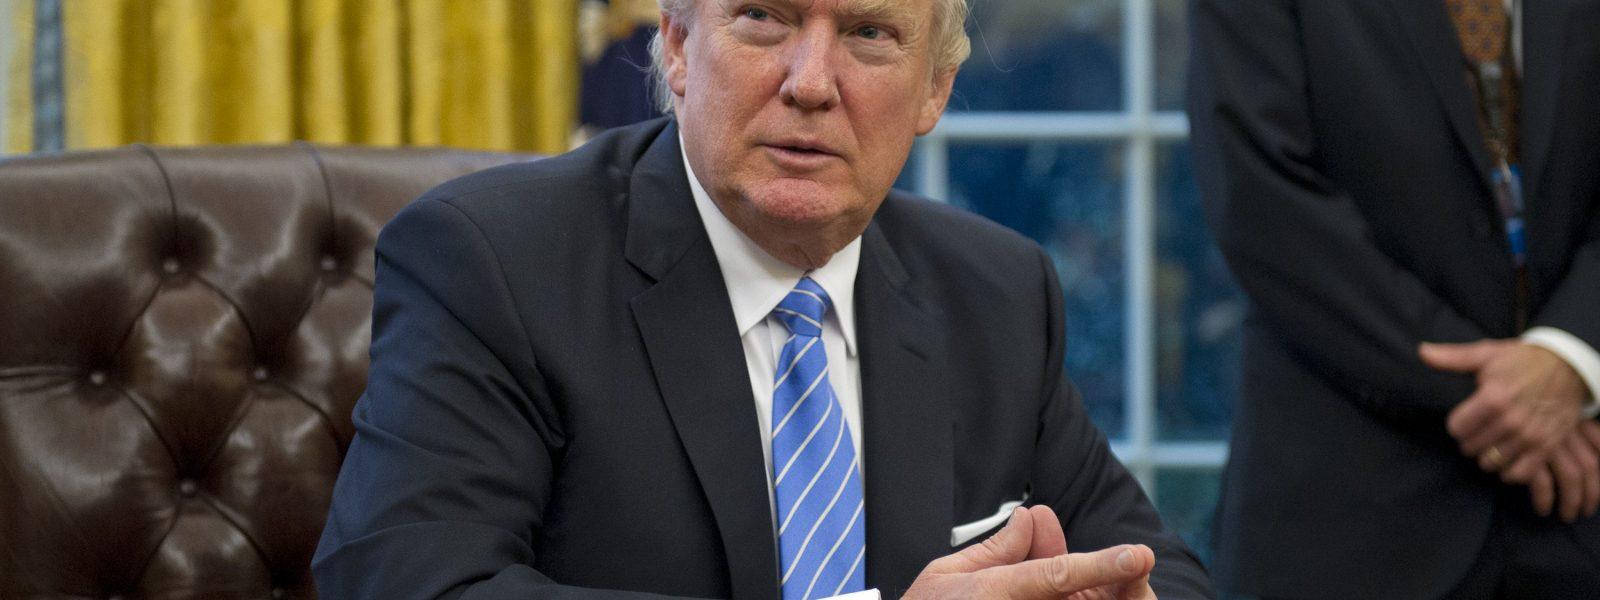 Surreal - Donald Trump